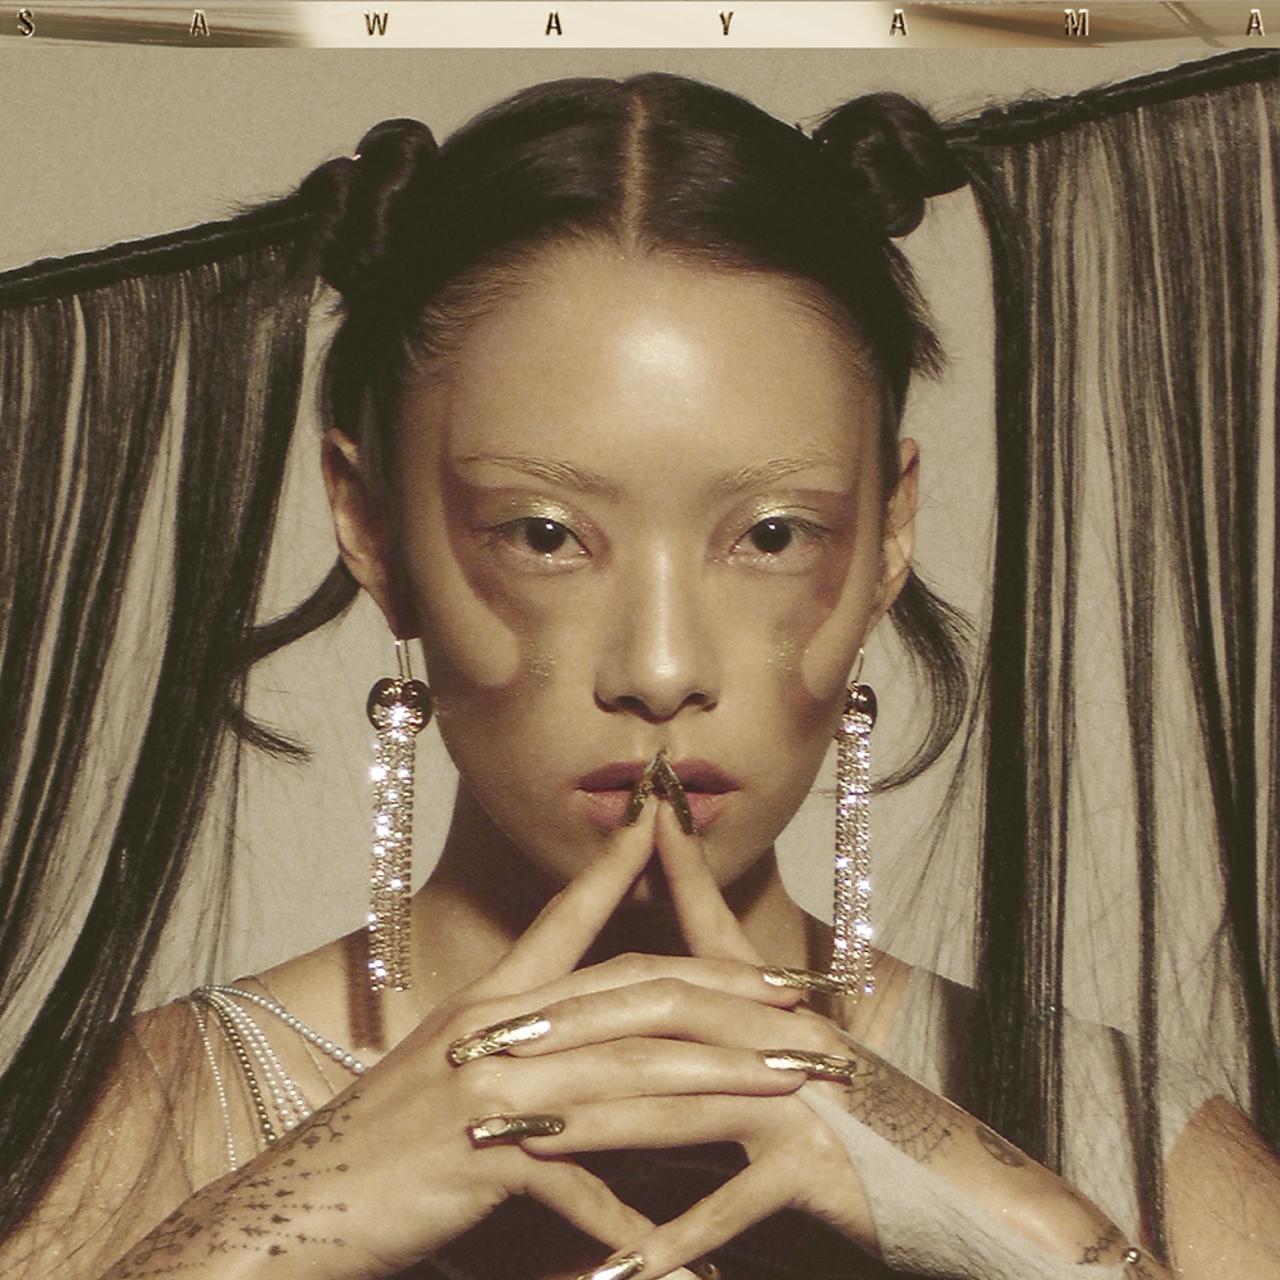 リナ・サワヤマが、さらにシングル「Bad Friend」をリリース!90年代カラオケ風のリリックビデオも公開!